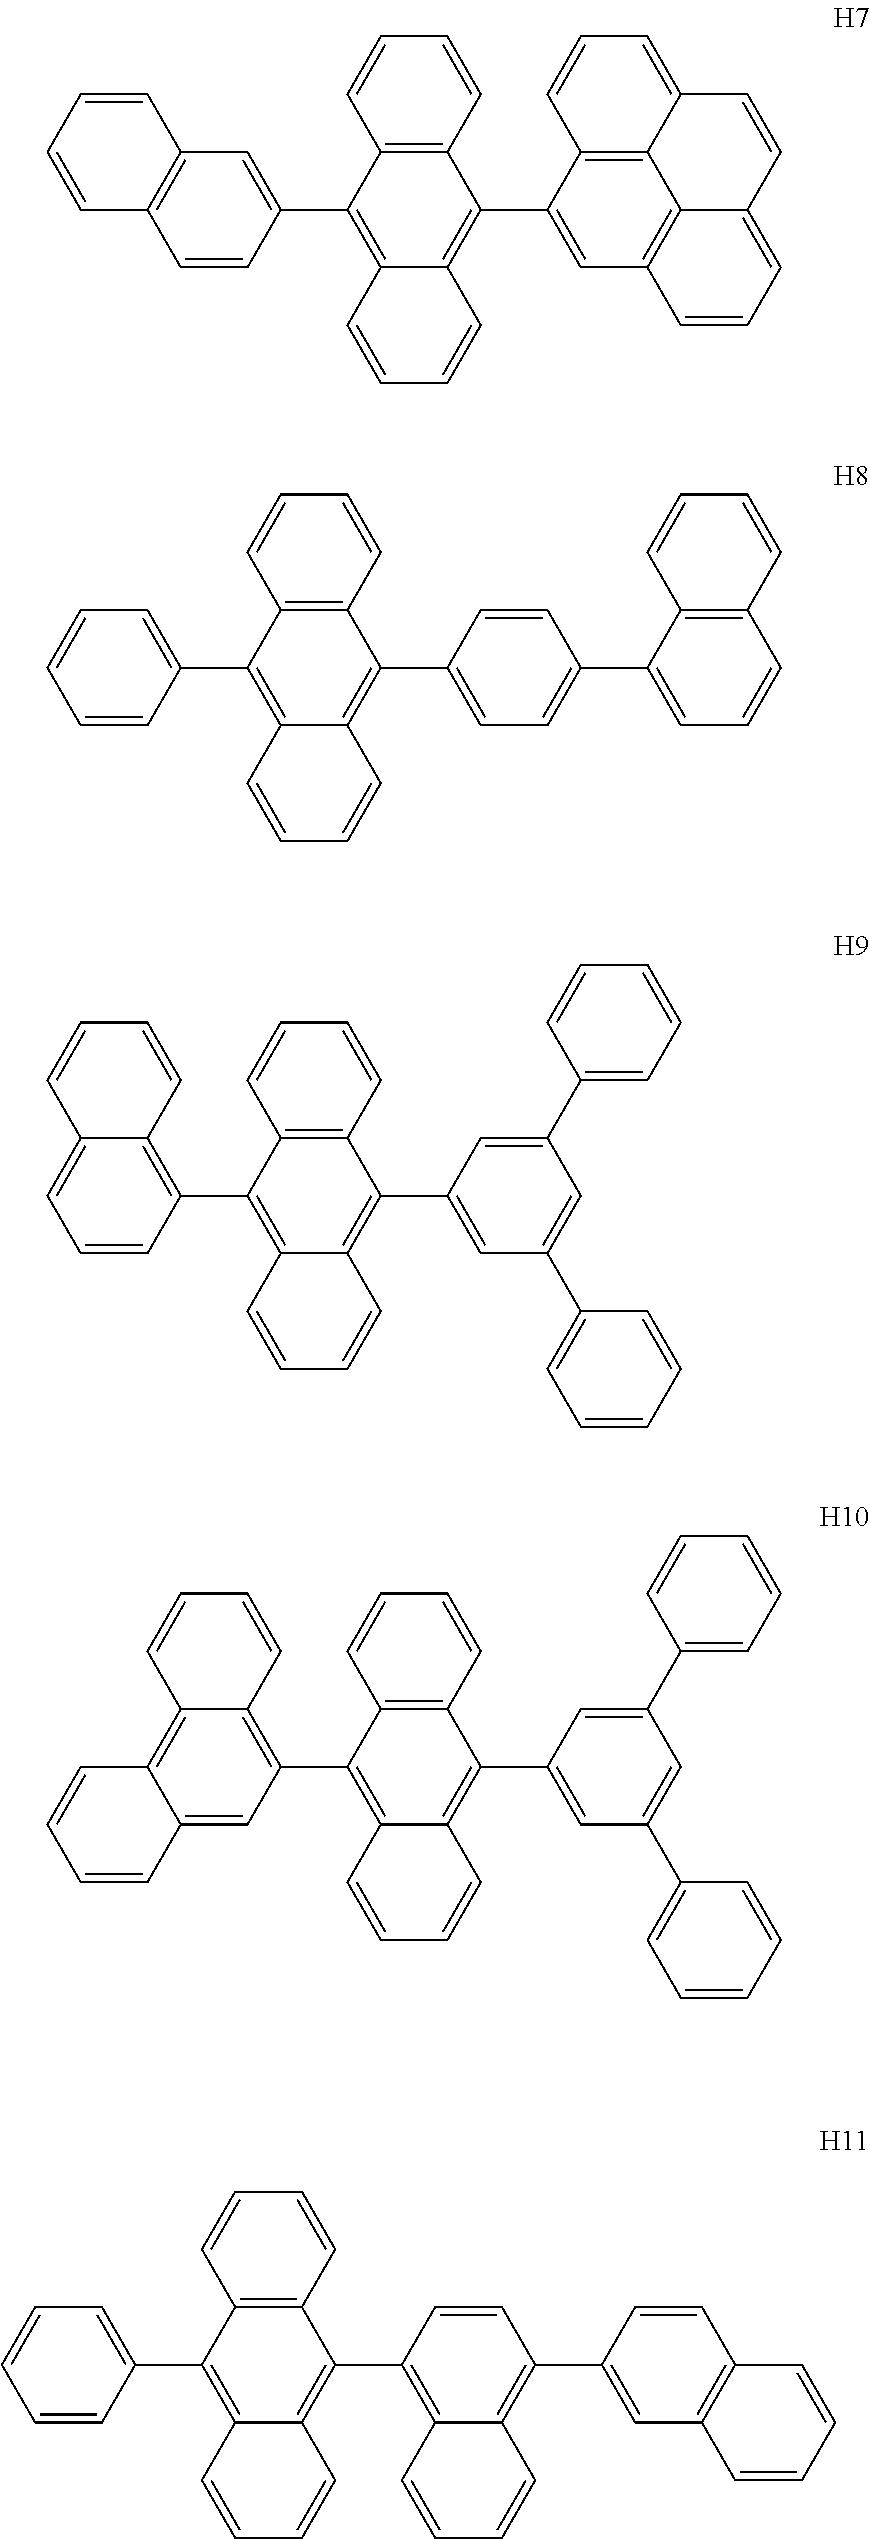 Figure US20160155962A1-20160602-C00233